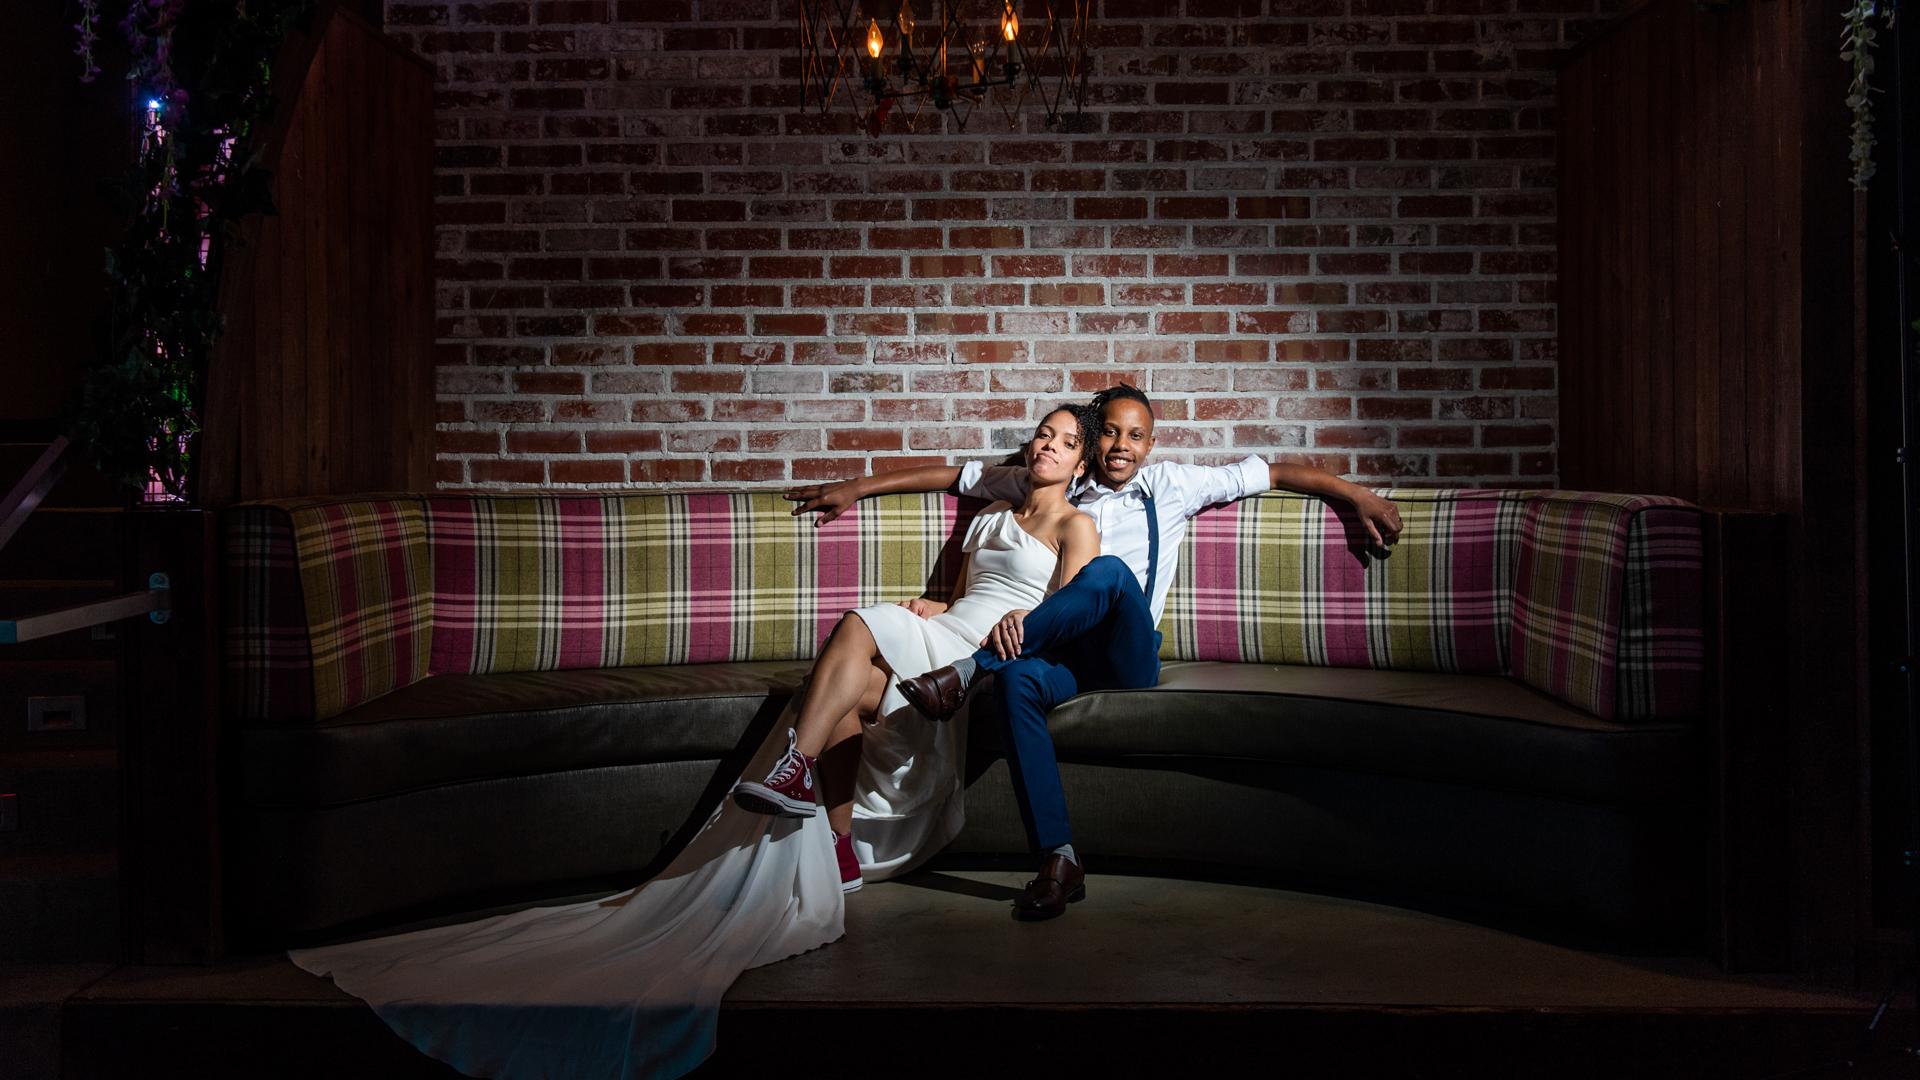 Chakia + Neville | San Diego, California | Parq Nightclub